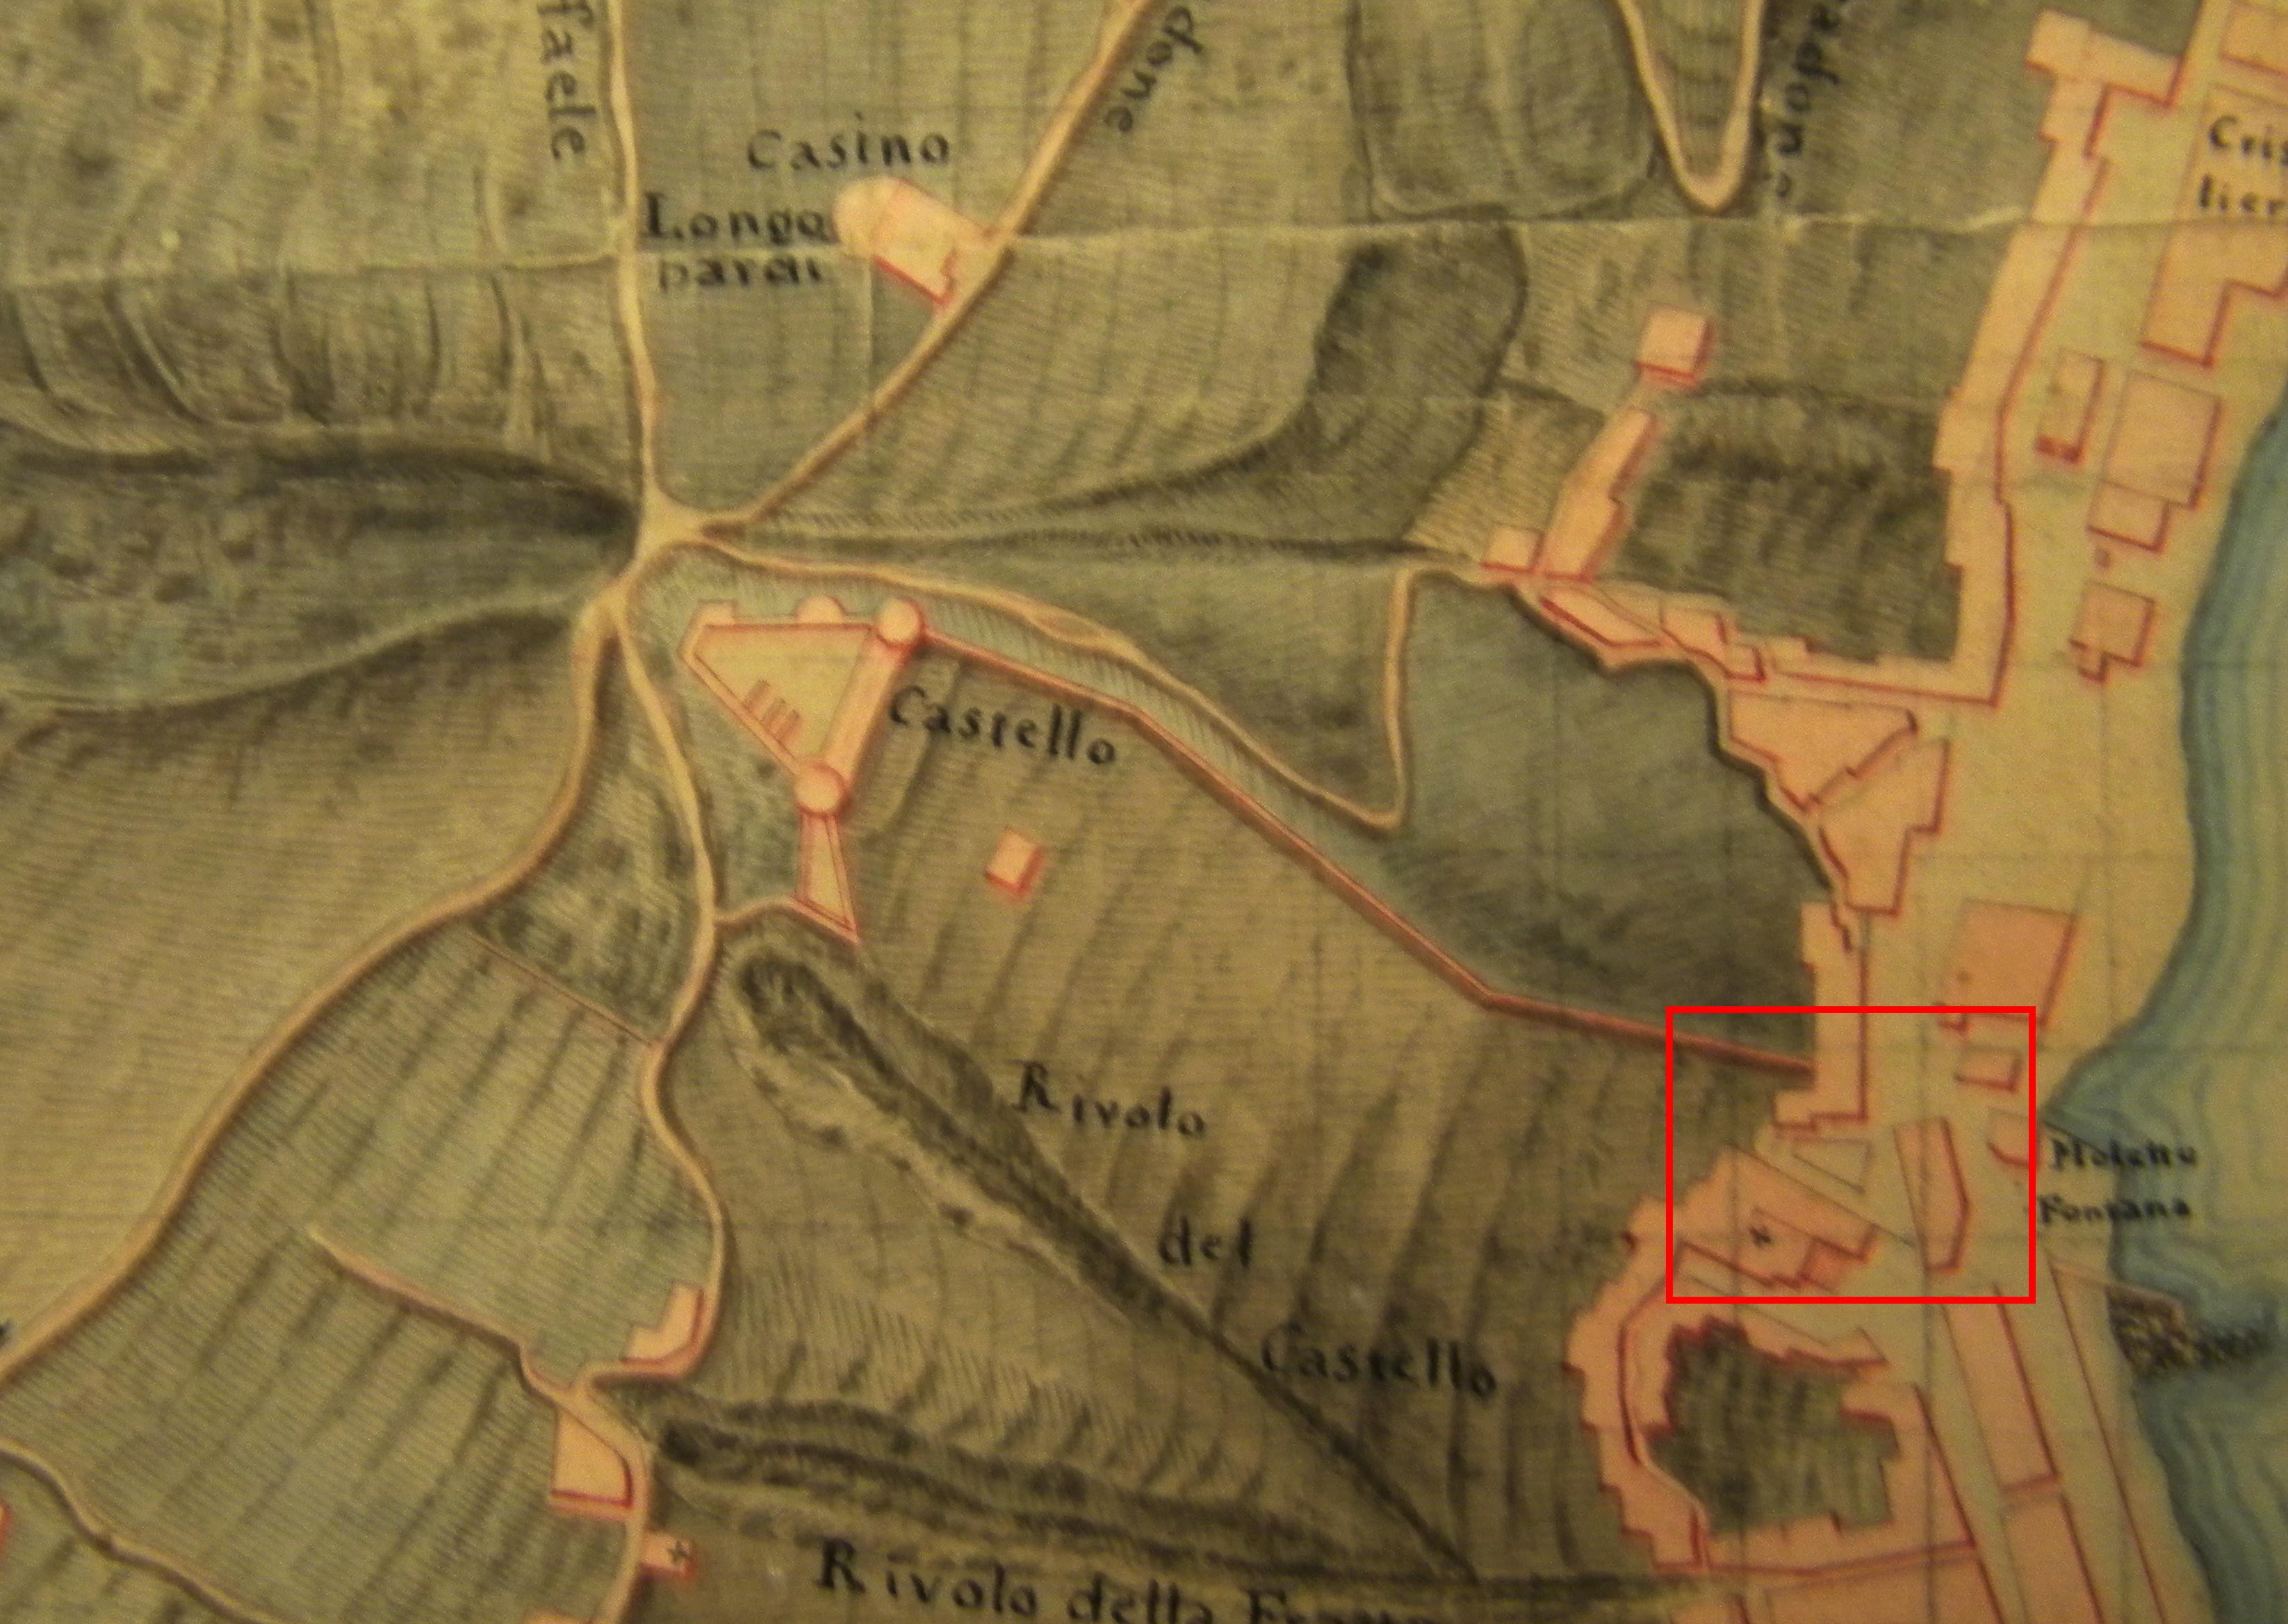 """Fig. 2: Stralcio della carta redatta dal genio militare, """"Ramo delle fortificazioni, Circondario alla sinistra del golfo"""" in scala 1:5000 risalente al 1812. La carta è orientata secondo l'asse est-ovest. In rosso l'area della Fontana Grande. Napoli, Biblioteca Nazionale"""